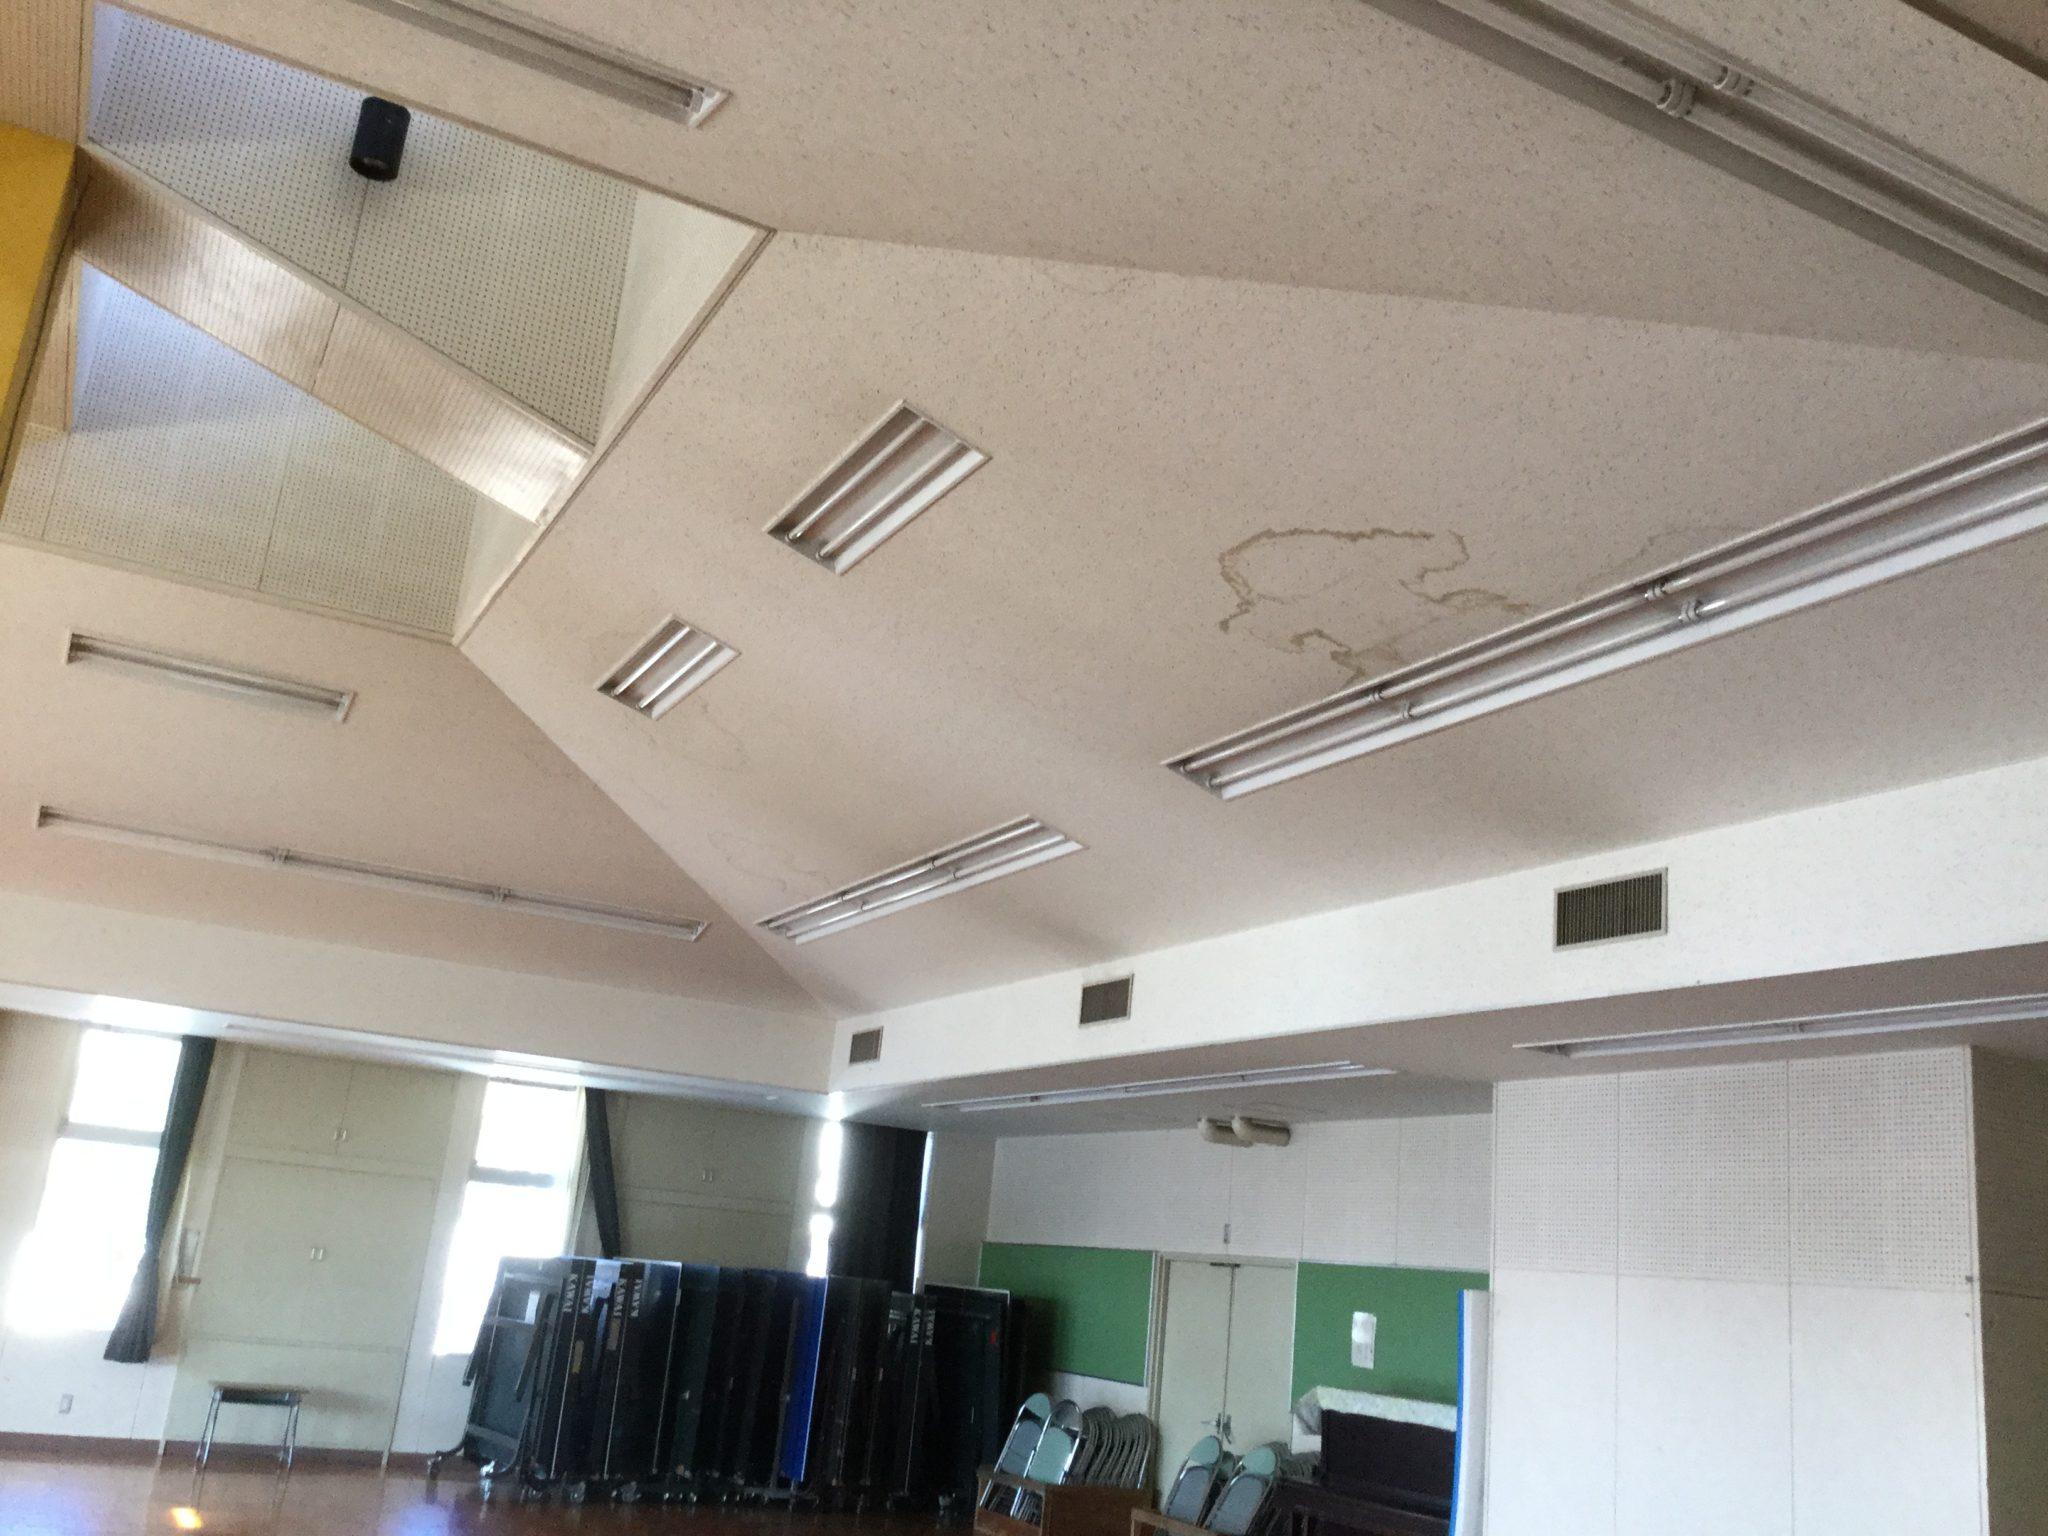 室内から見た瓦屋根の雨漏りのシミ